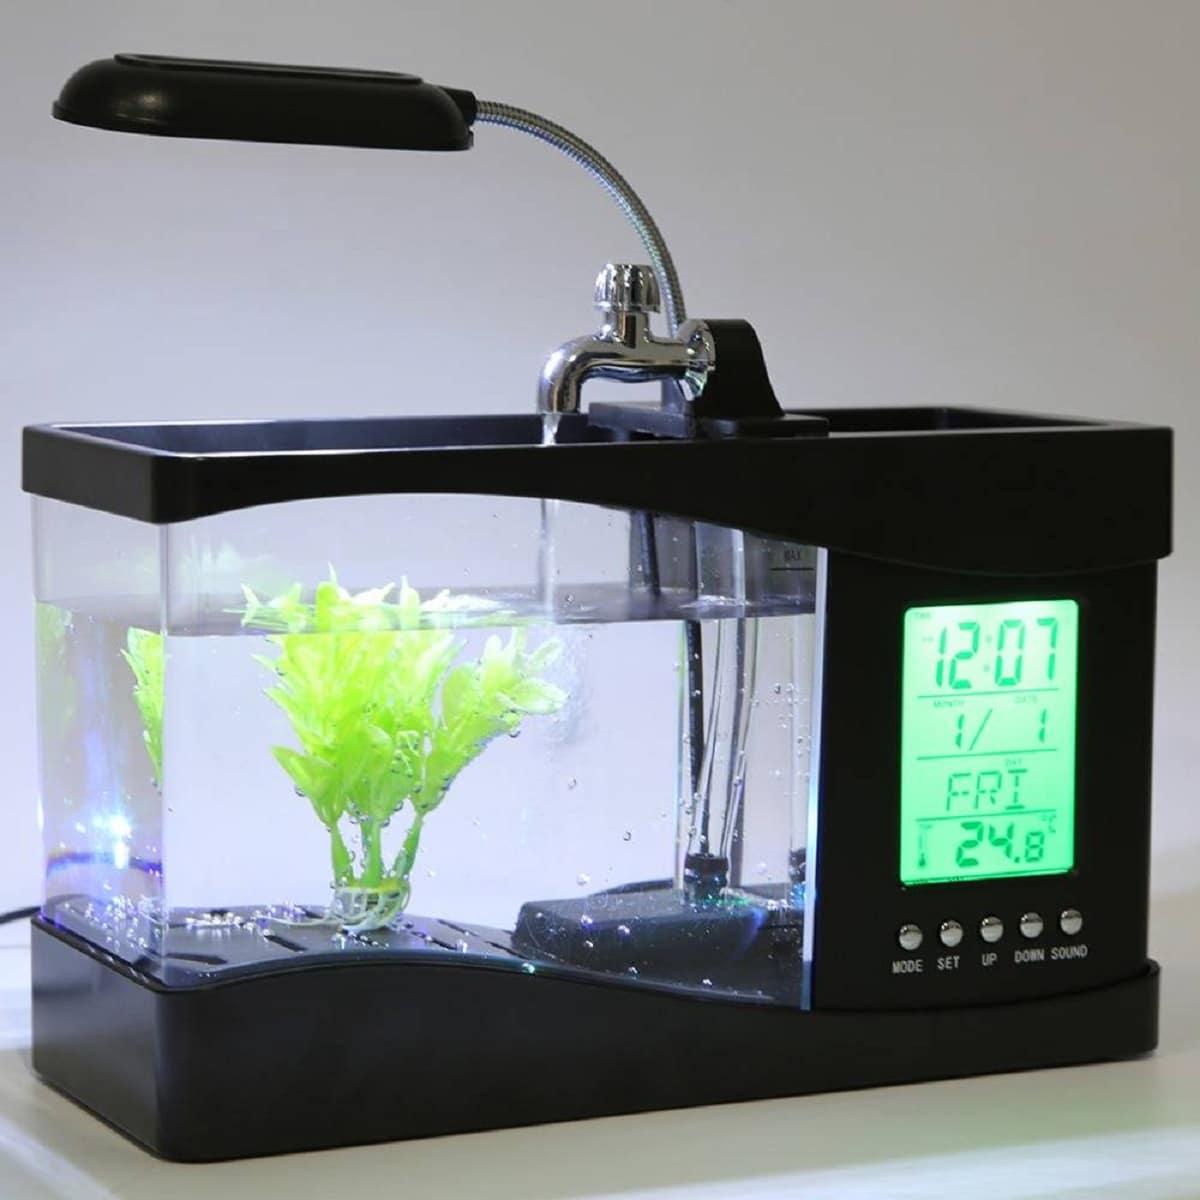 180 cm Acuario Aufsatzbeleuchtung Peces Tanque 62 cm de 198 cm l/ámpara para Agua Dulce de mar Mando a Distancia Aquarien ECO Acuario Iluminaci/ón LED 60 cm